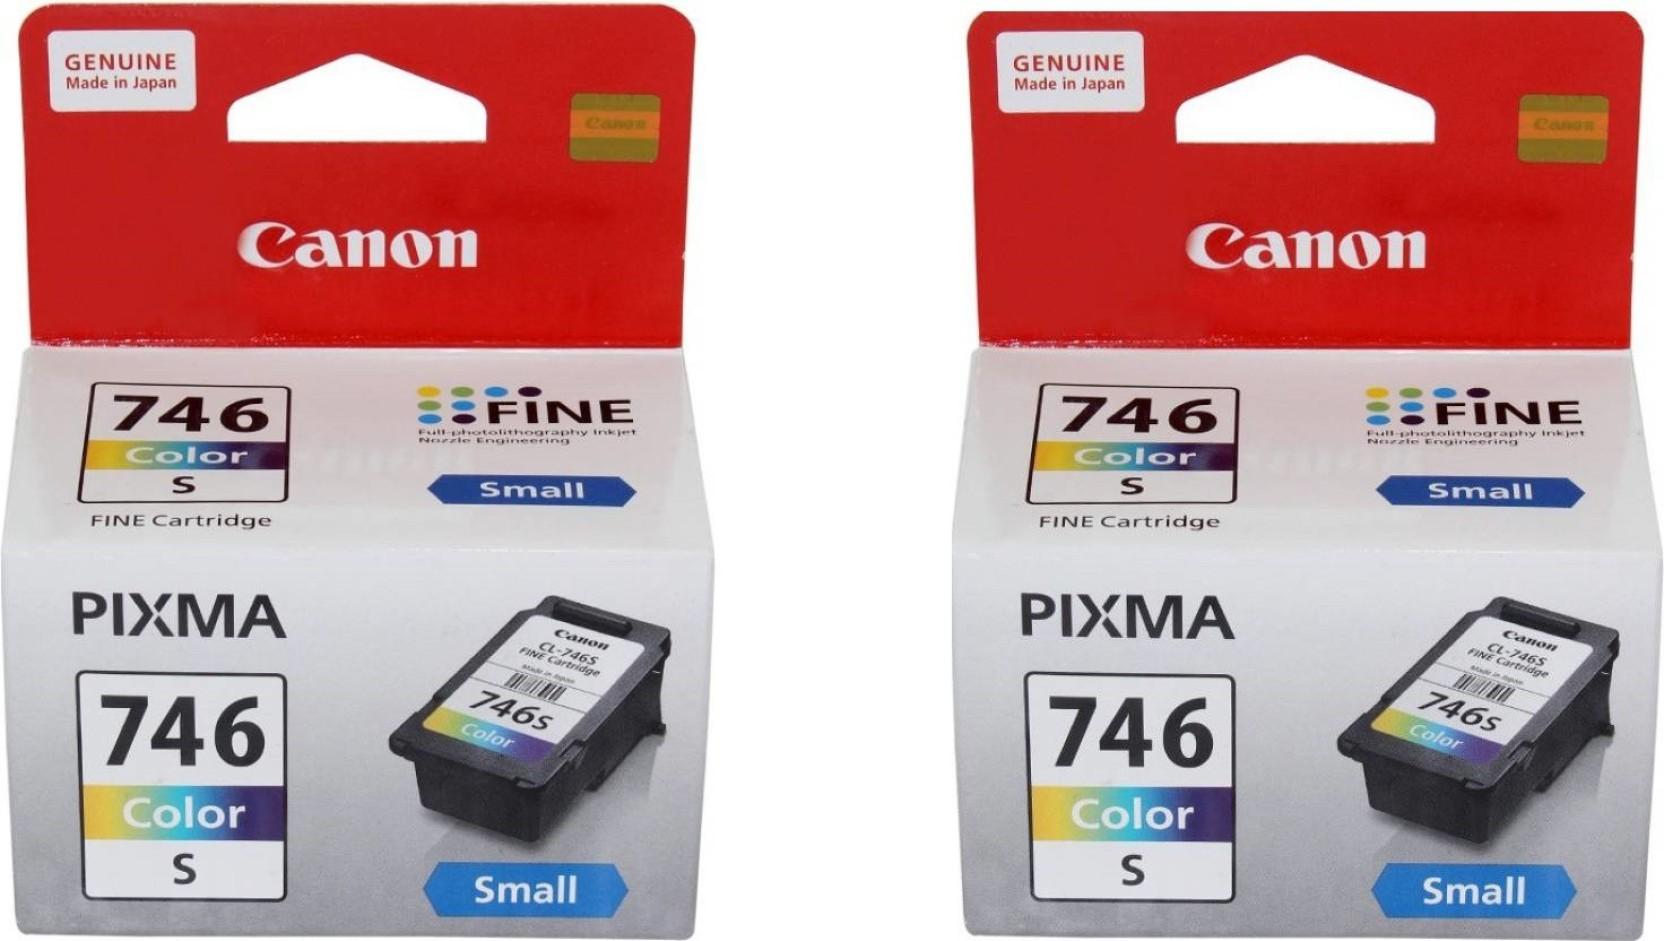 Canon Pixma Multi Color Ink Cartridge Tinta Pg 746 Tricolour Original Compare